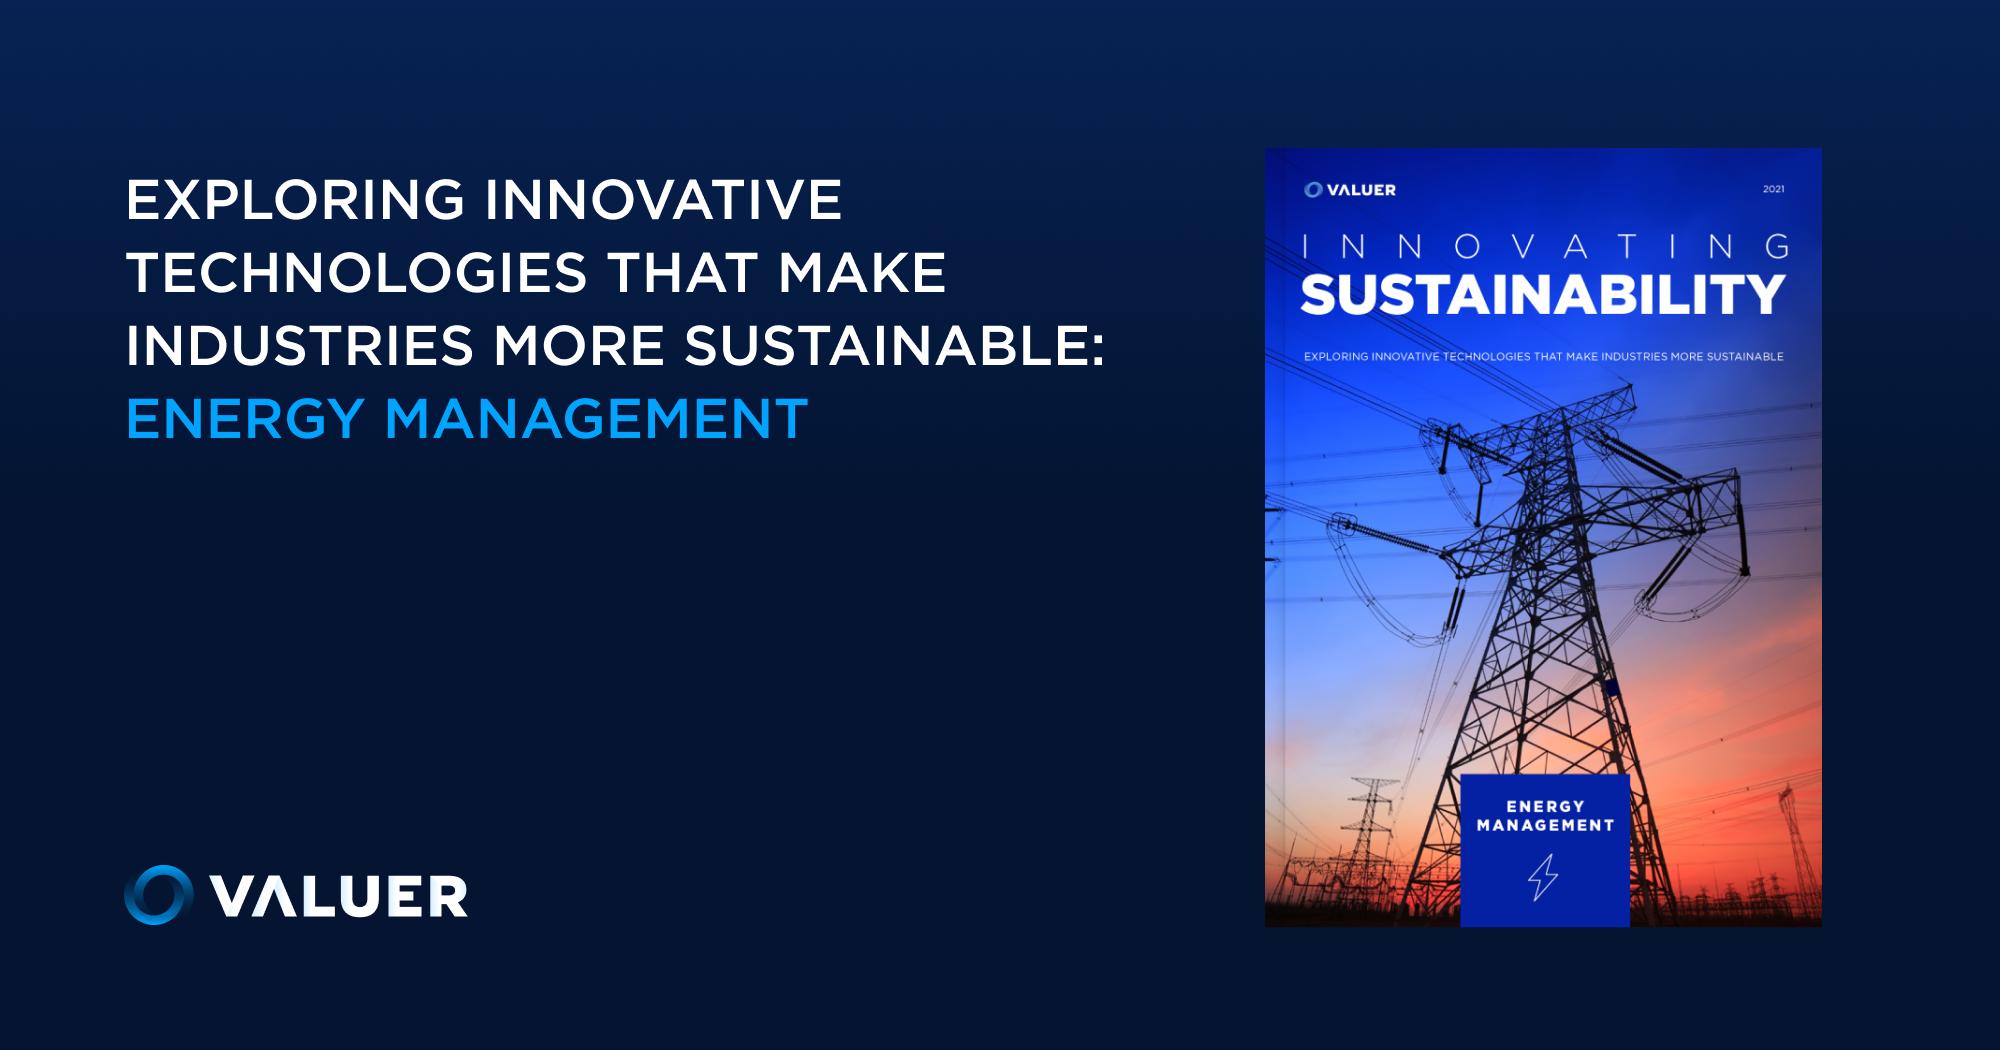 Innovating Sustainability: Energy Management